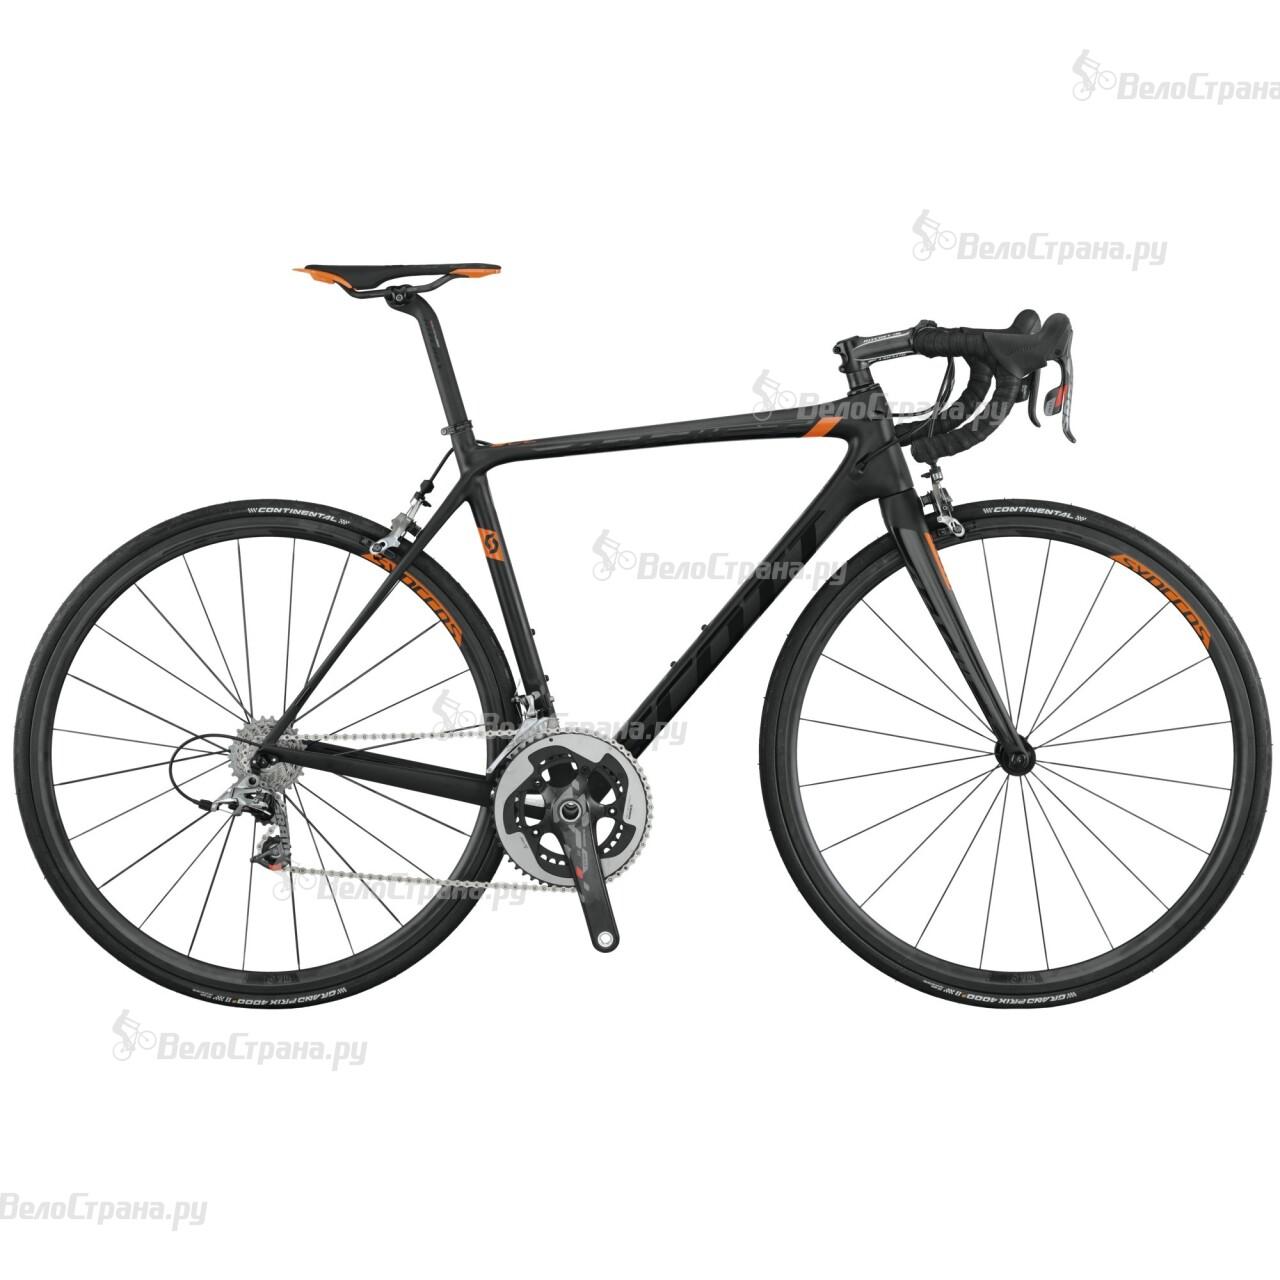 Велосипед Scott Addict SL Compact (2015) scott addict sl compact 2015